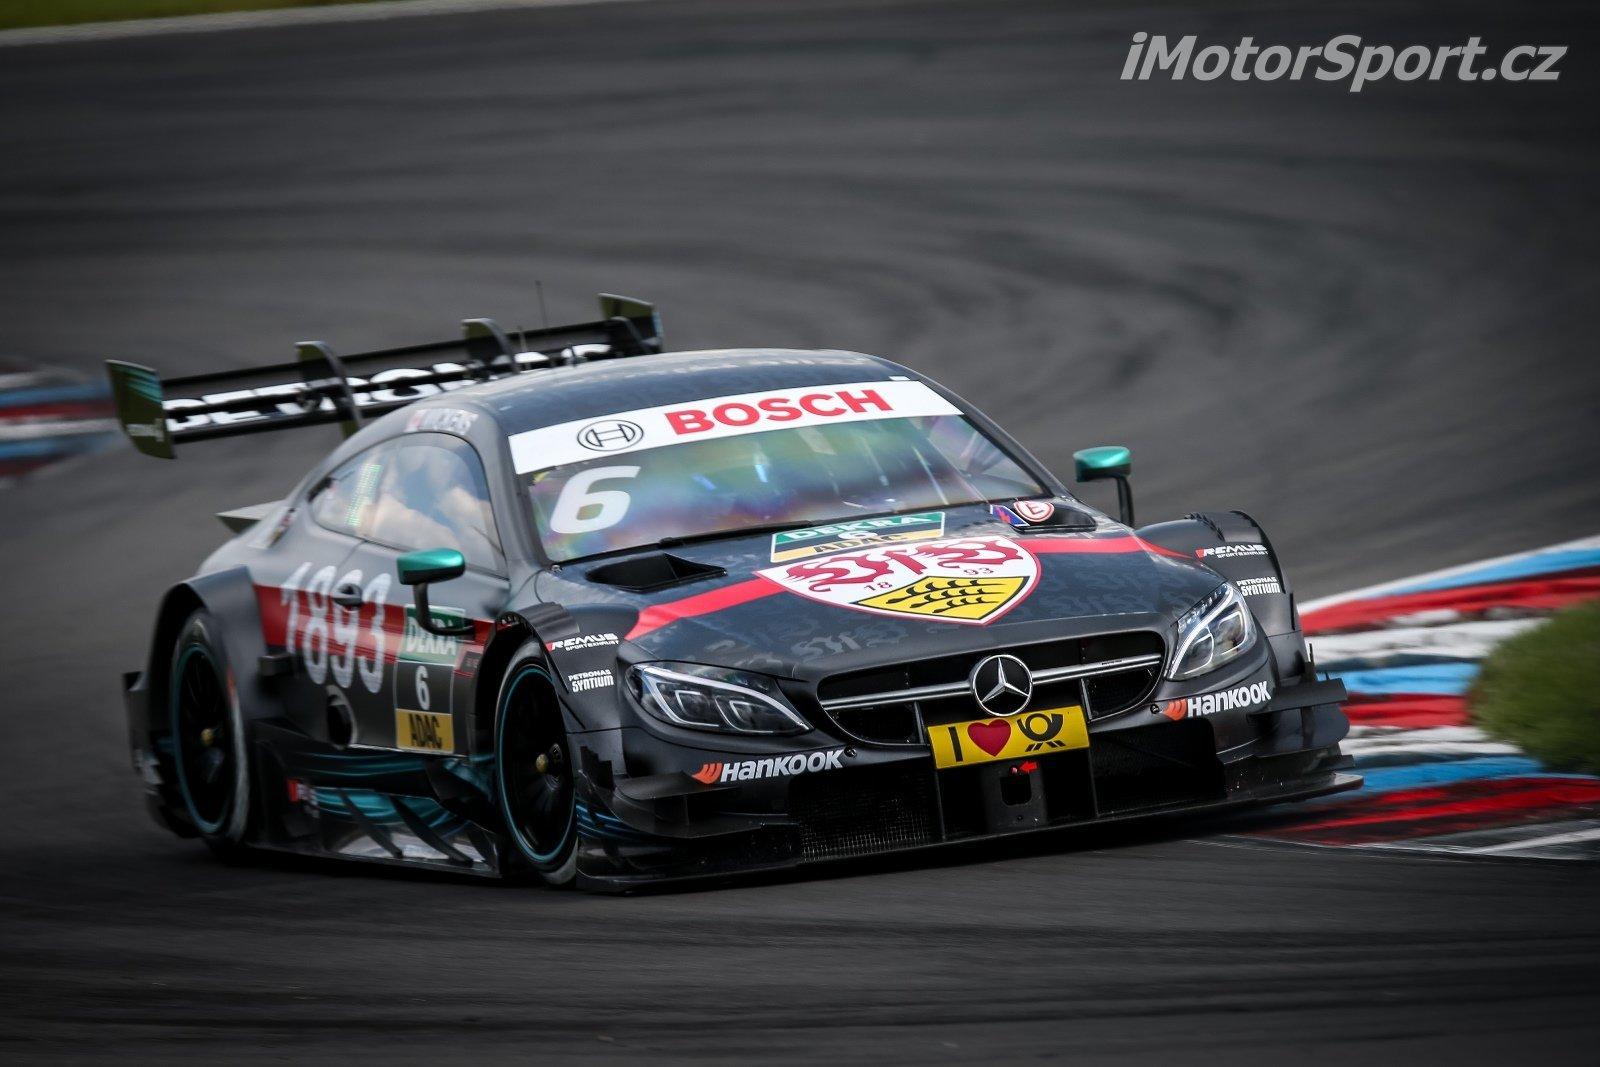 Robert Wickens nesl na svém autě v prvních dvou závodech speciální zbarvení, v Budapešti se pak vrátil k tomu, které měl na předsezónní prezentaci